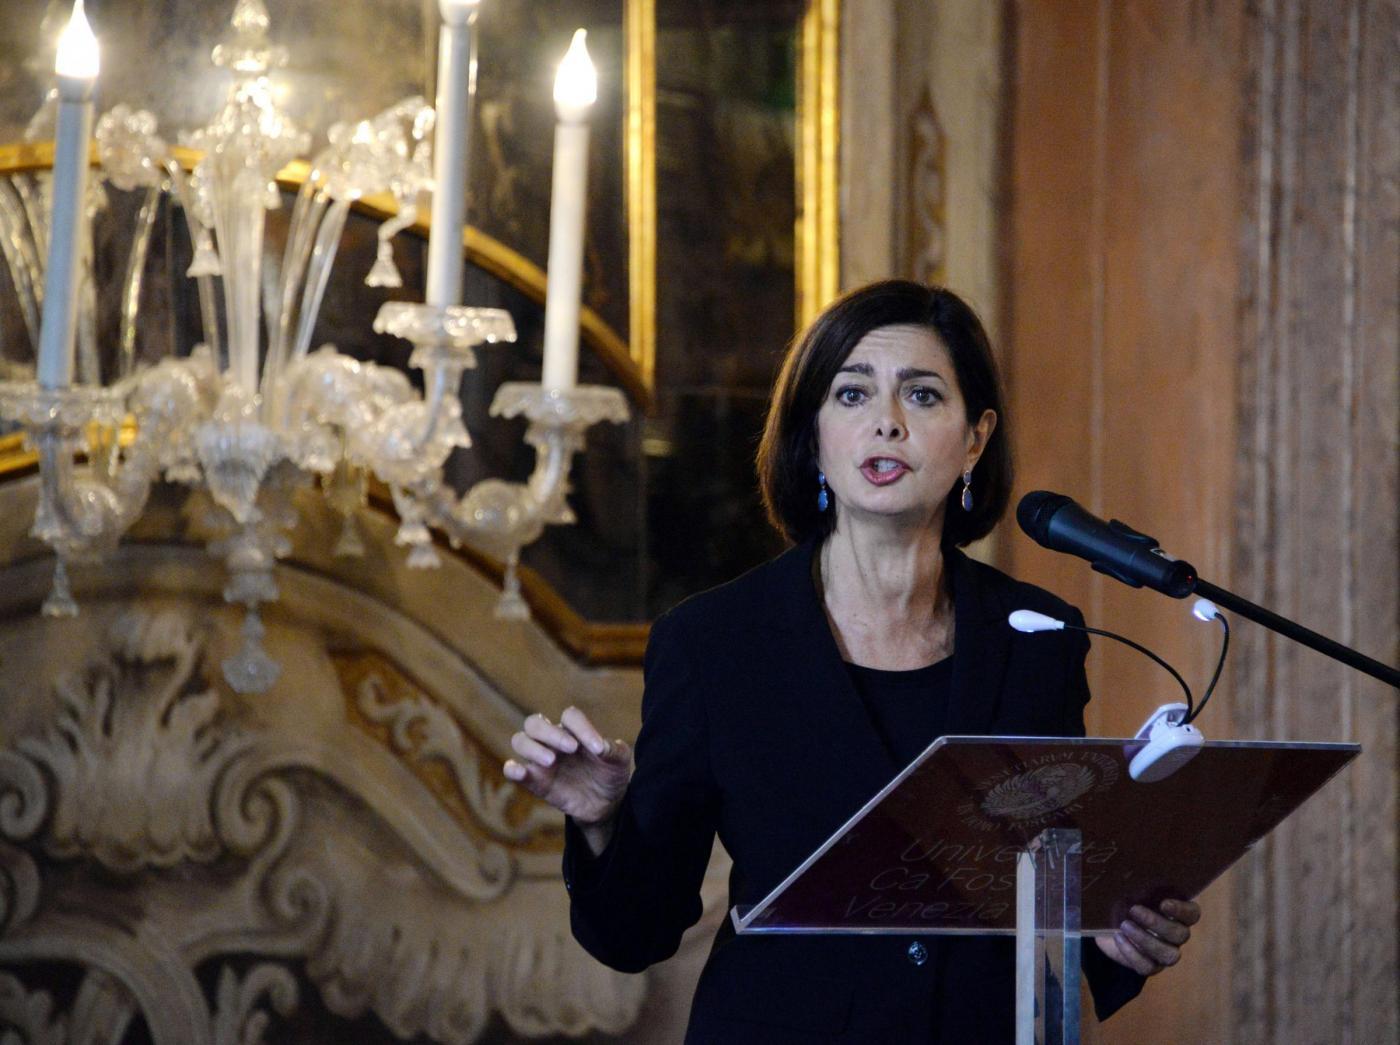 Violenza sulle donne, Boldrini: 'Basta insulti in rete'